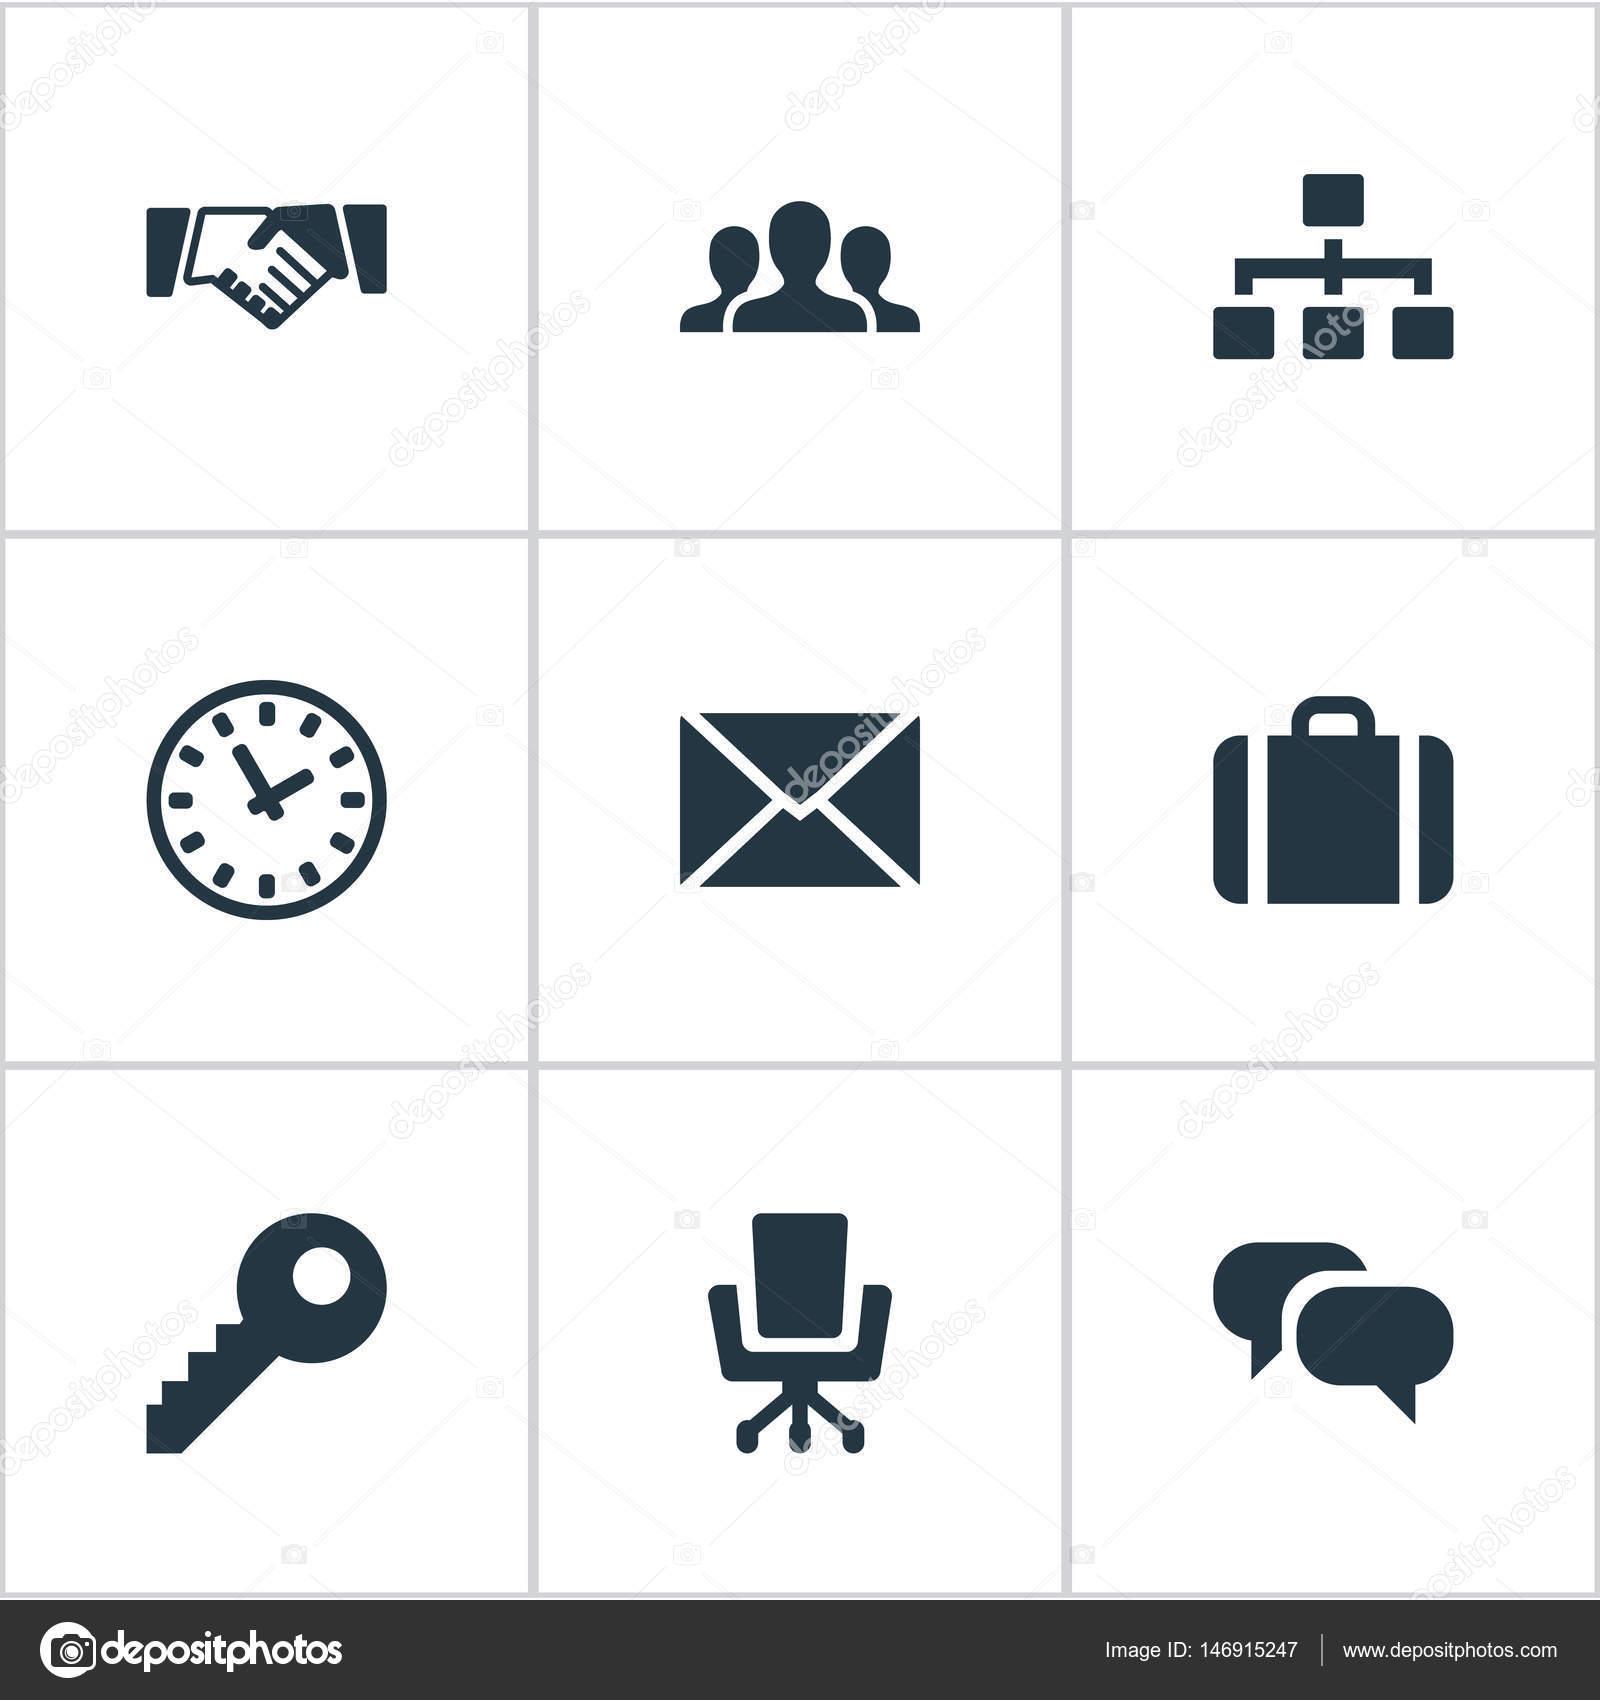 Vektor-Illustration-Set von einfachen B2b Icons. Elemente-Beziehung ...